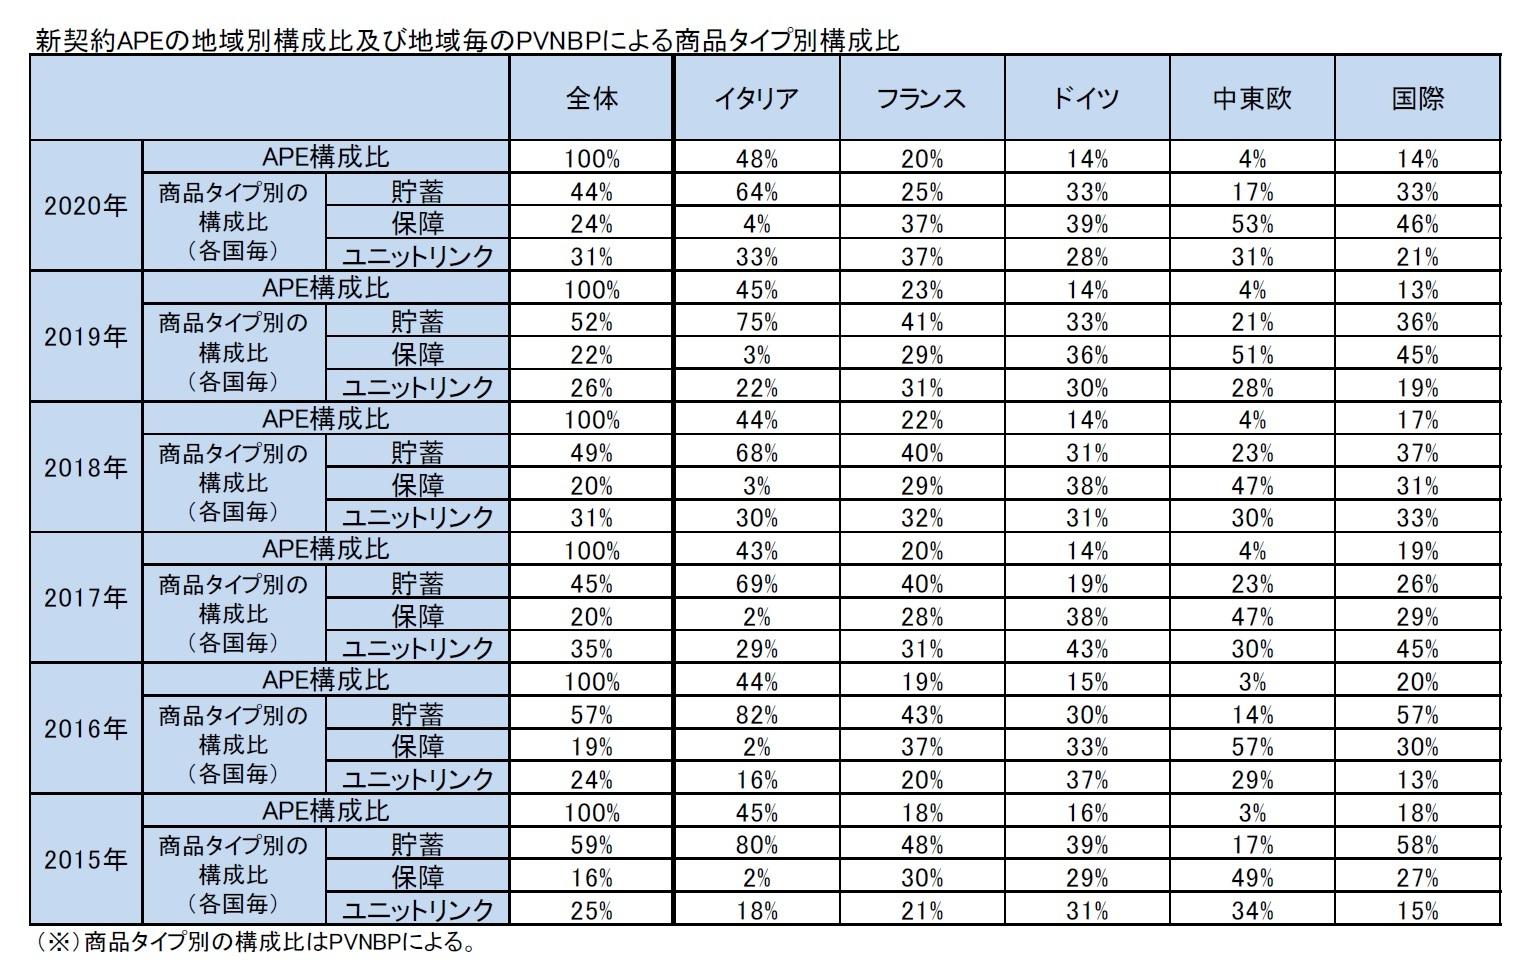 新契約APEの地域別構成比及び地域毎のPVNBPによる商品タイプ別構成比